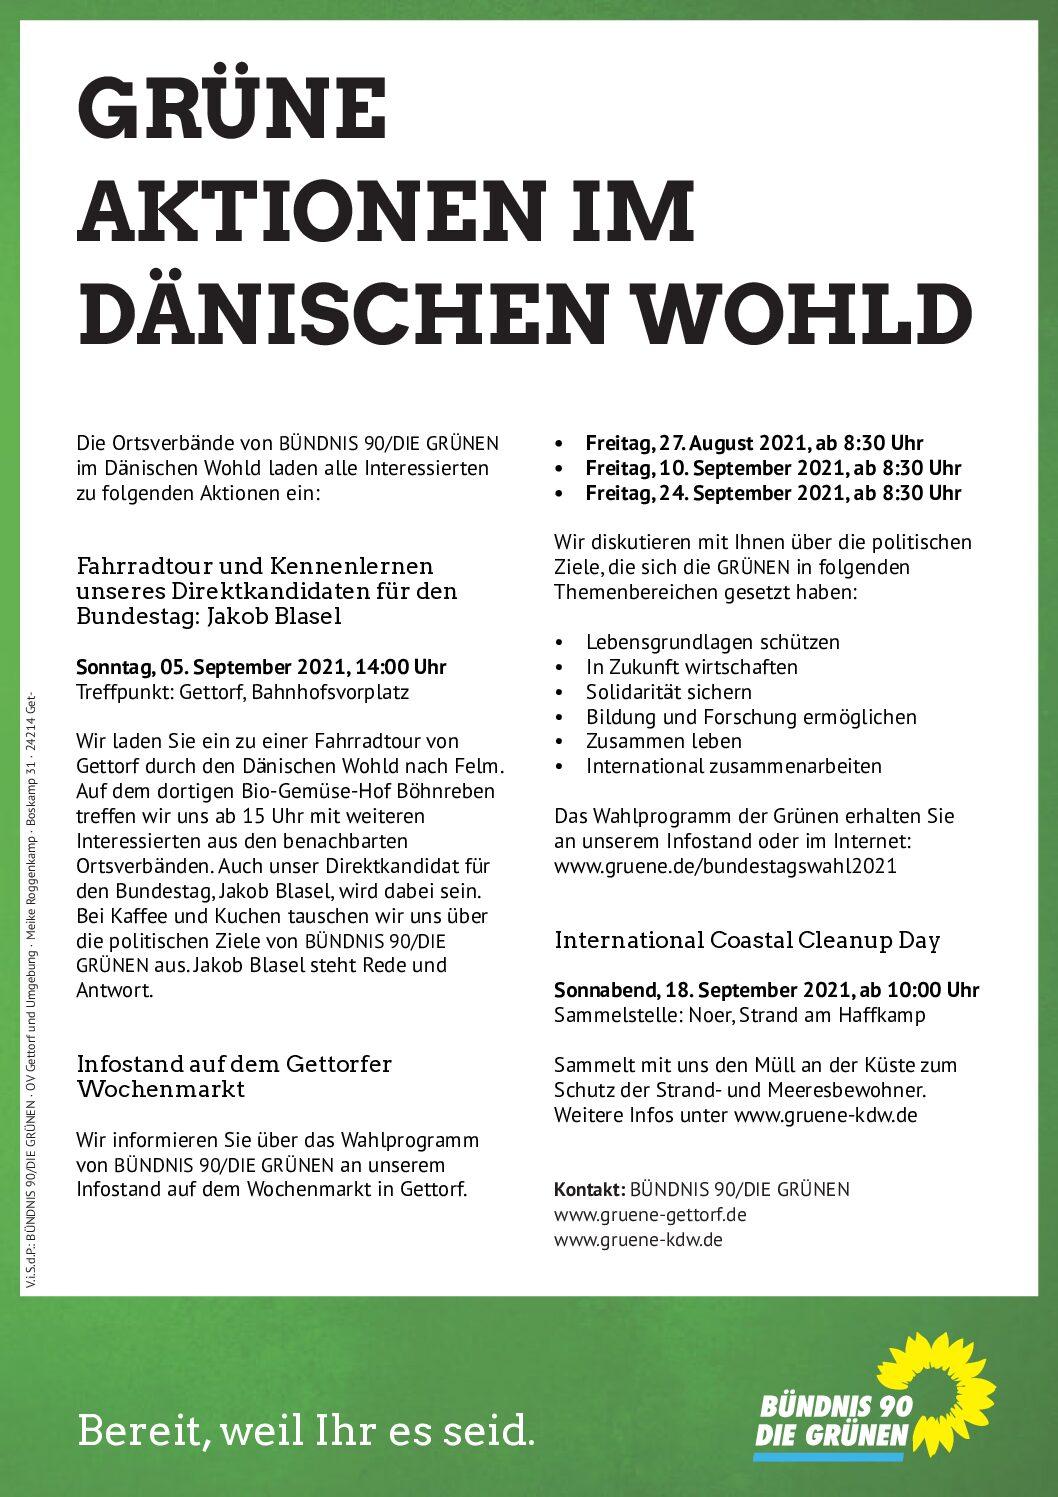 Grüne Aktionen zur Bundestagswahl 2021